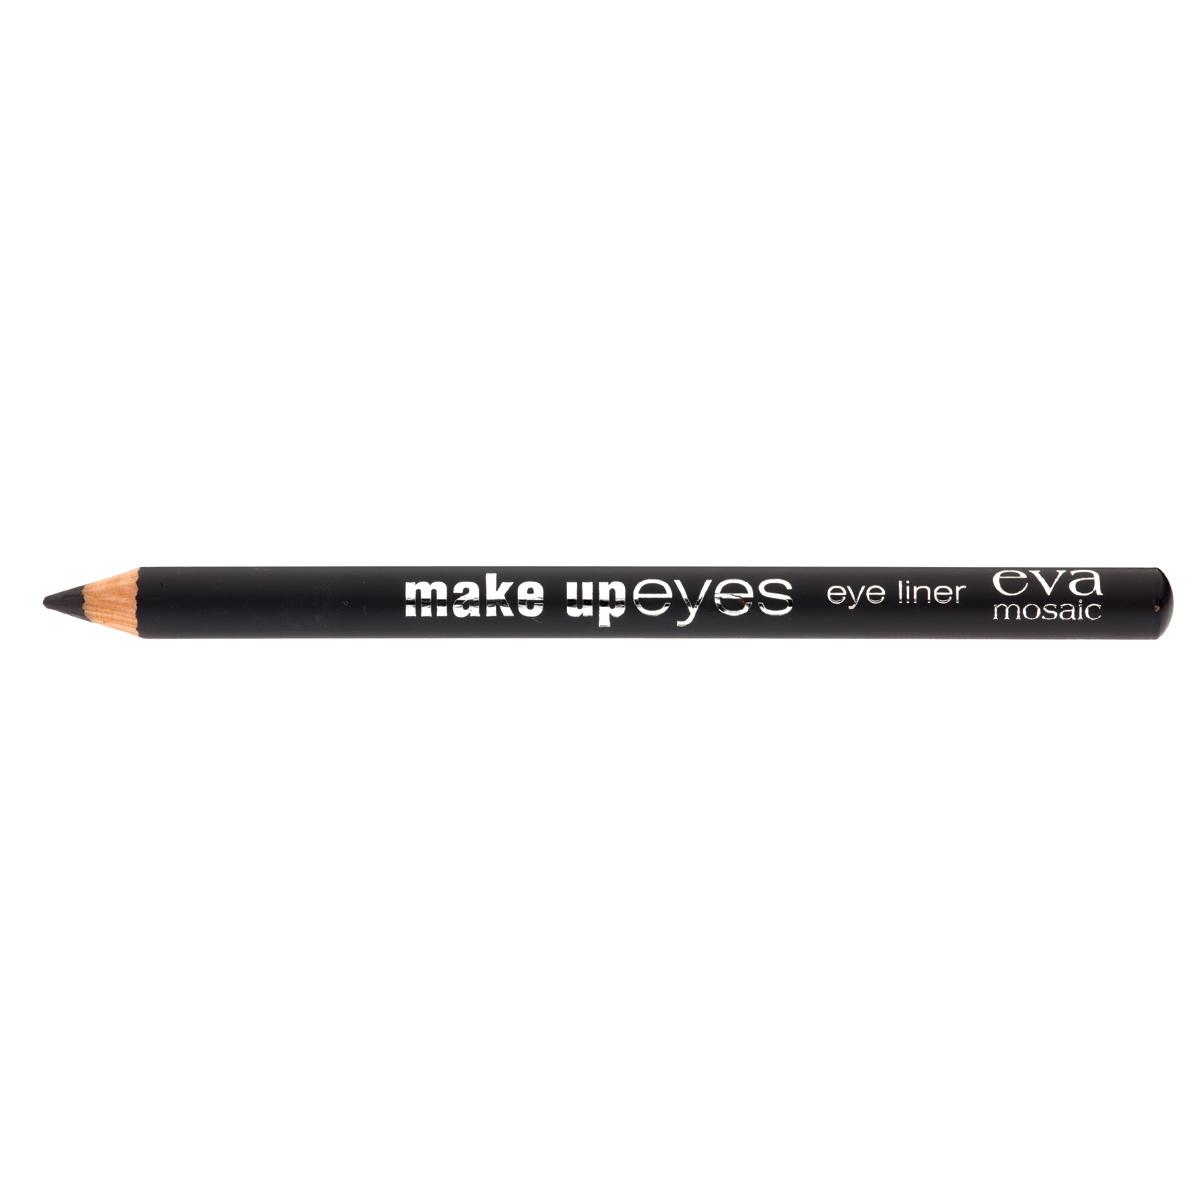 Eva Mosaic Карандаш для глаз Make Up Eyes, 1,1 г, Черный685175Мягкий карандаш для глаз позволяет создавать контур необходимой четкости - от графической точности до мягкой плавности растушеванных линий, придающих взгляду эффект дымчатости. - стойкая формула - натуральные ингредиенты (пчелиный воск, хлопковое, касторовое и арахисовое масла) - три оттенка для разных типов внешности